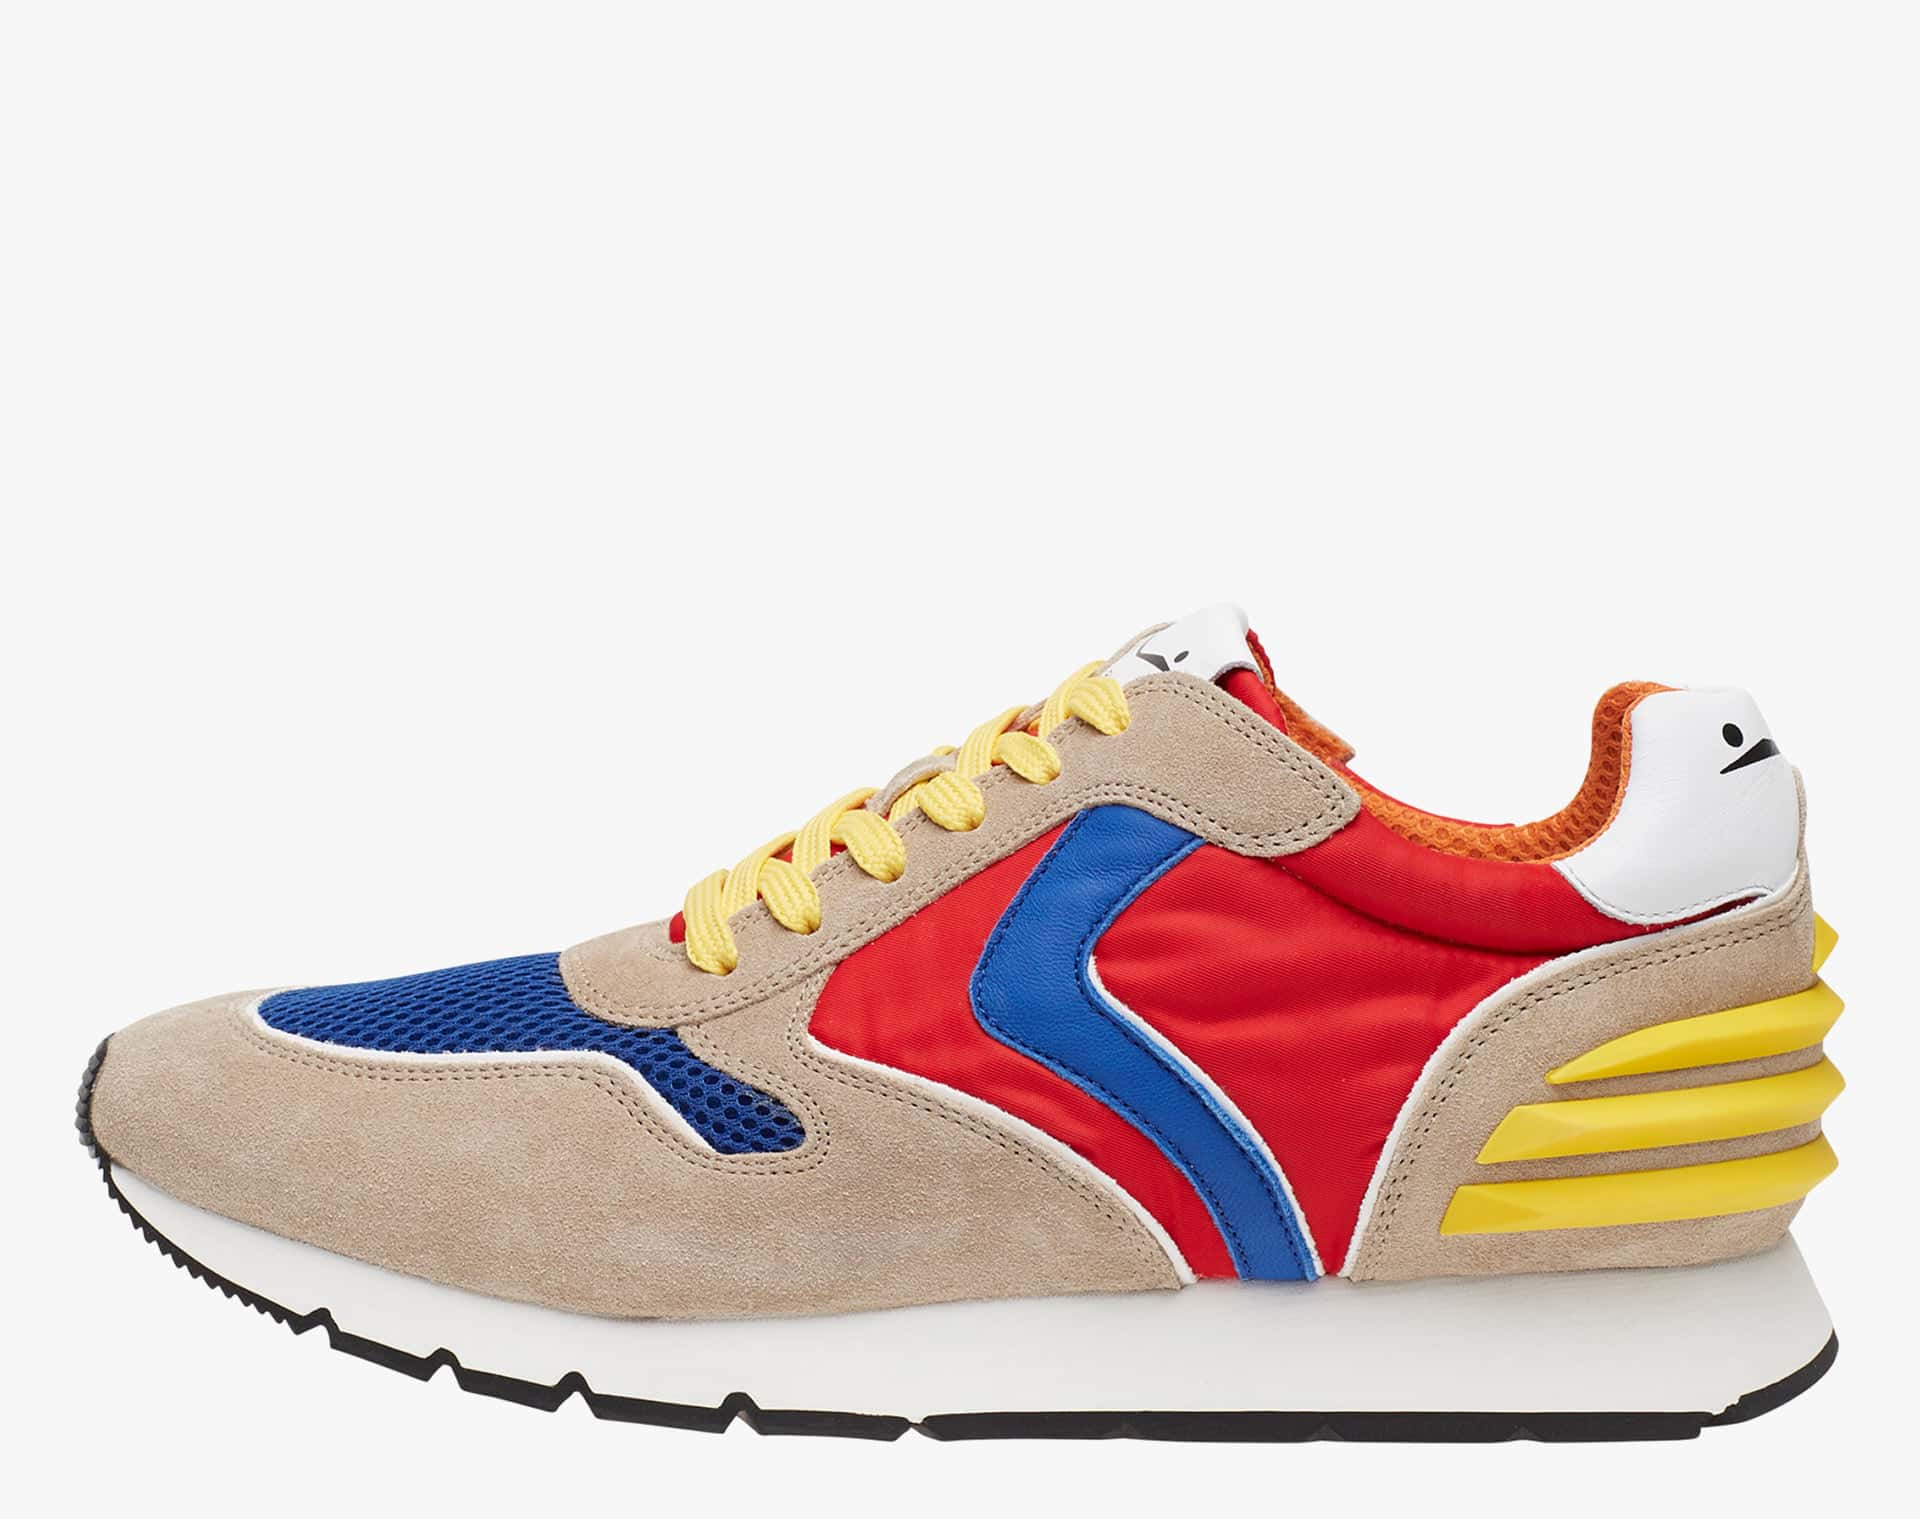 LIAM POWER - Sneaker in suede e tessuto tecnico - Sabbia/Blu/Rosso